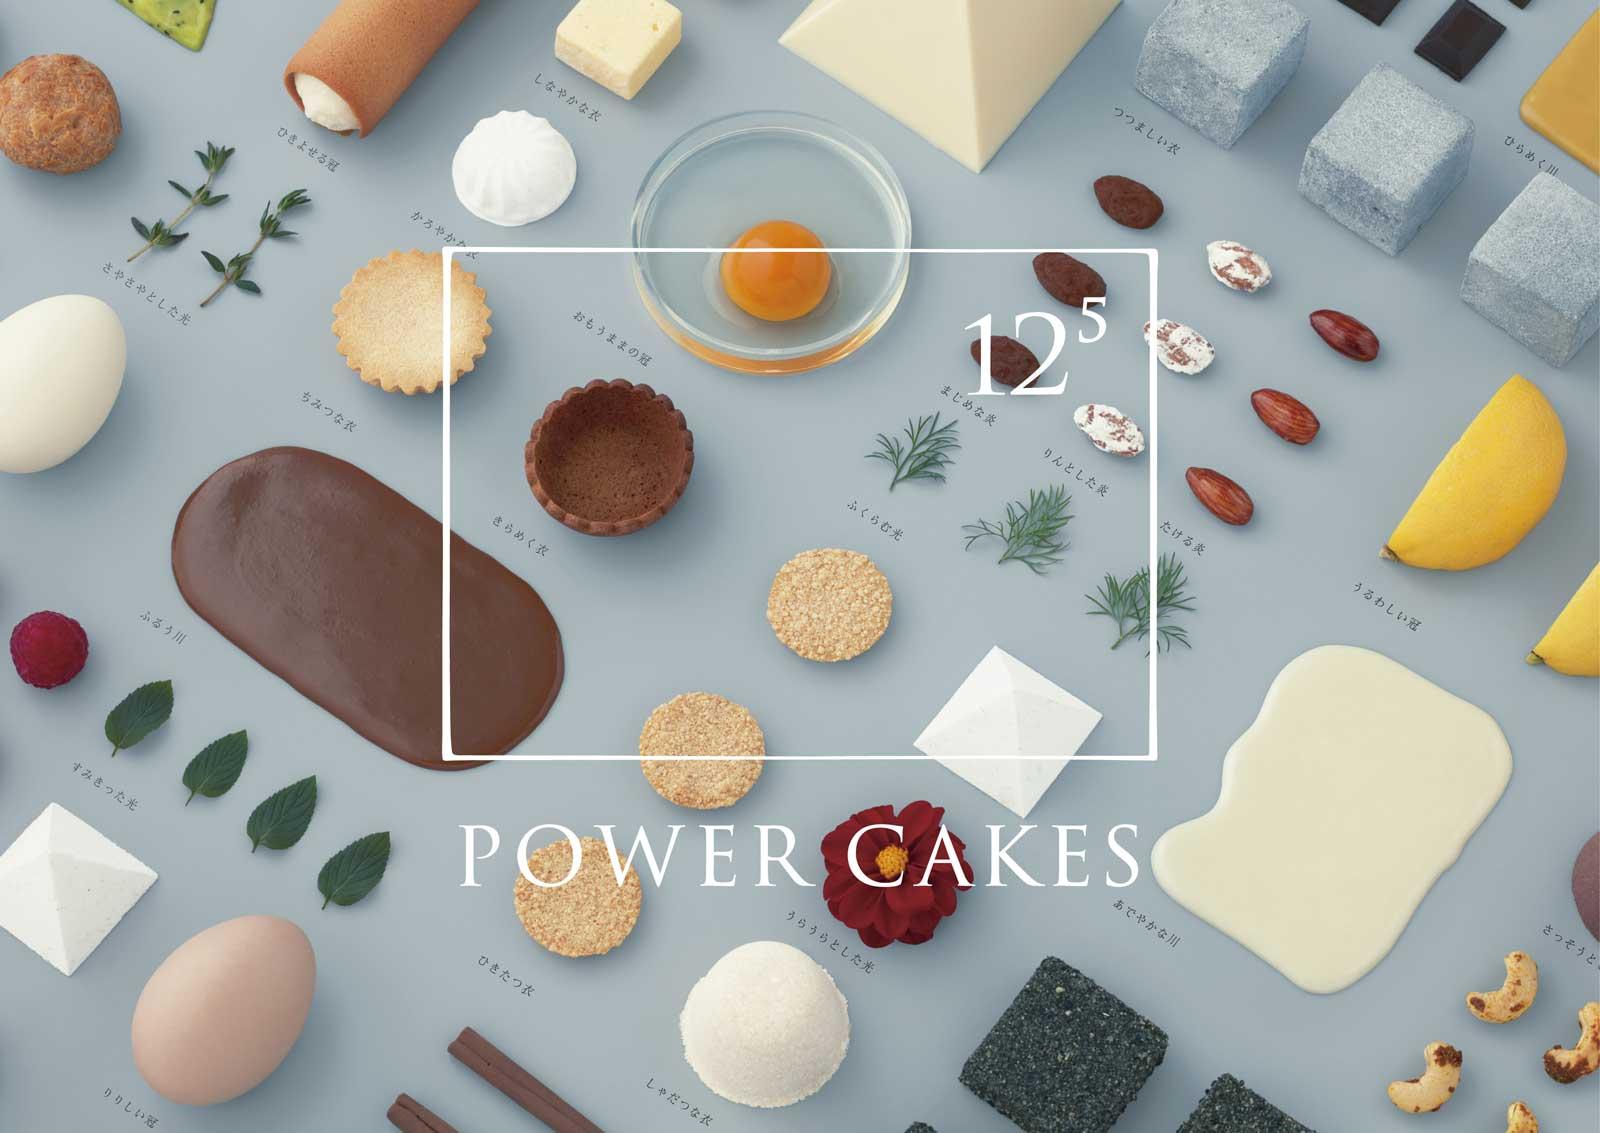 125(12の5乗) -POWER CAKES-